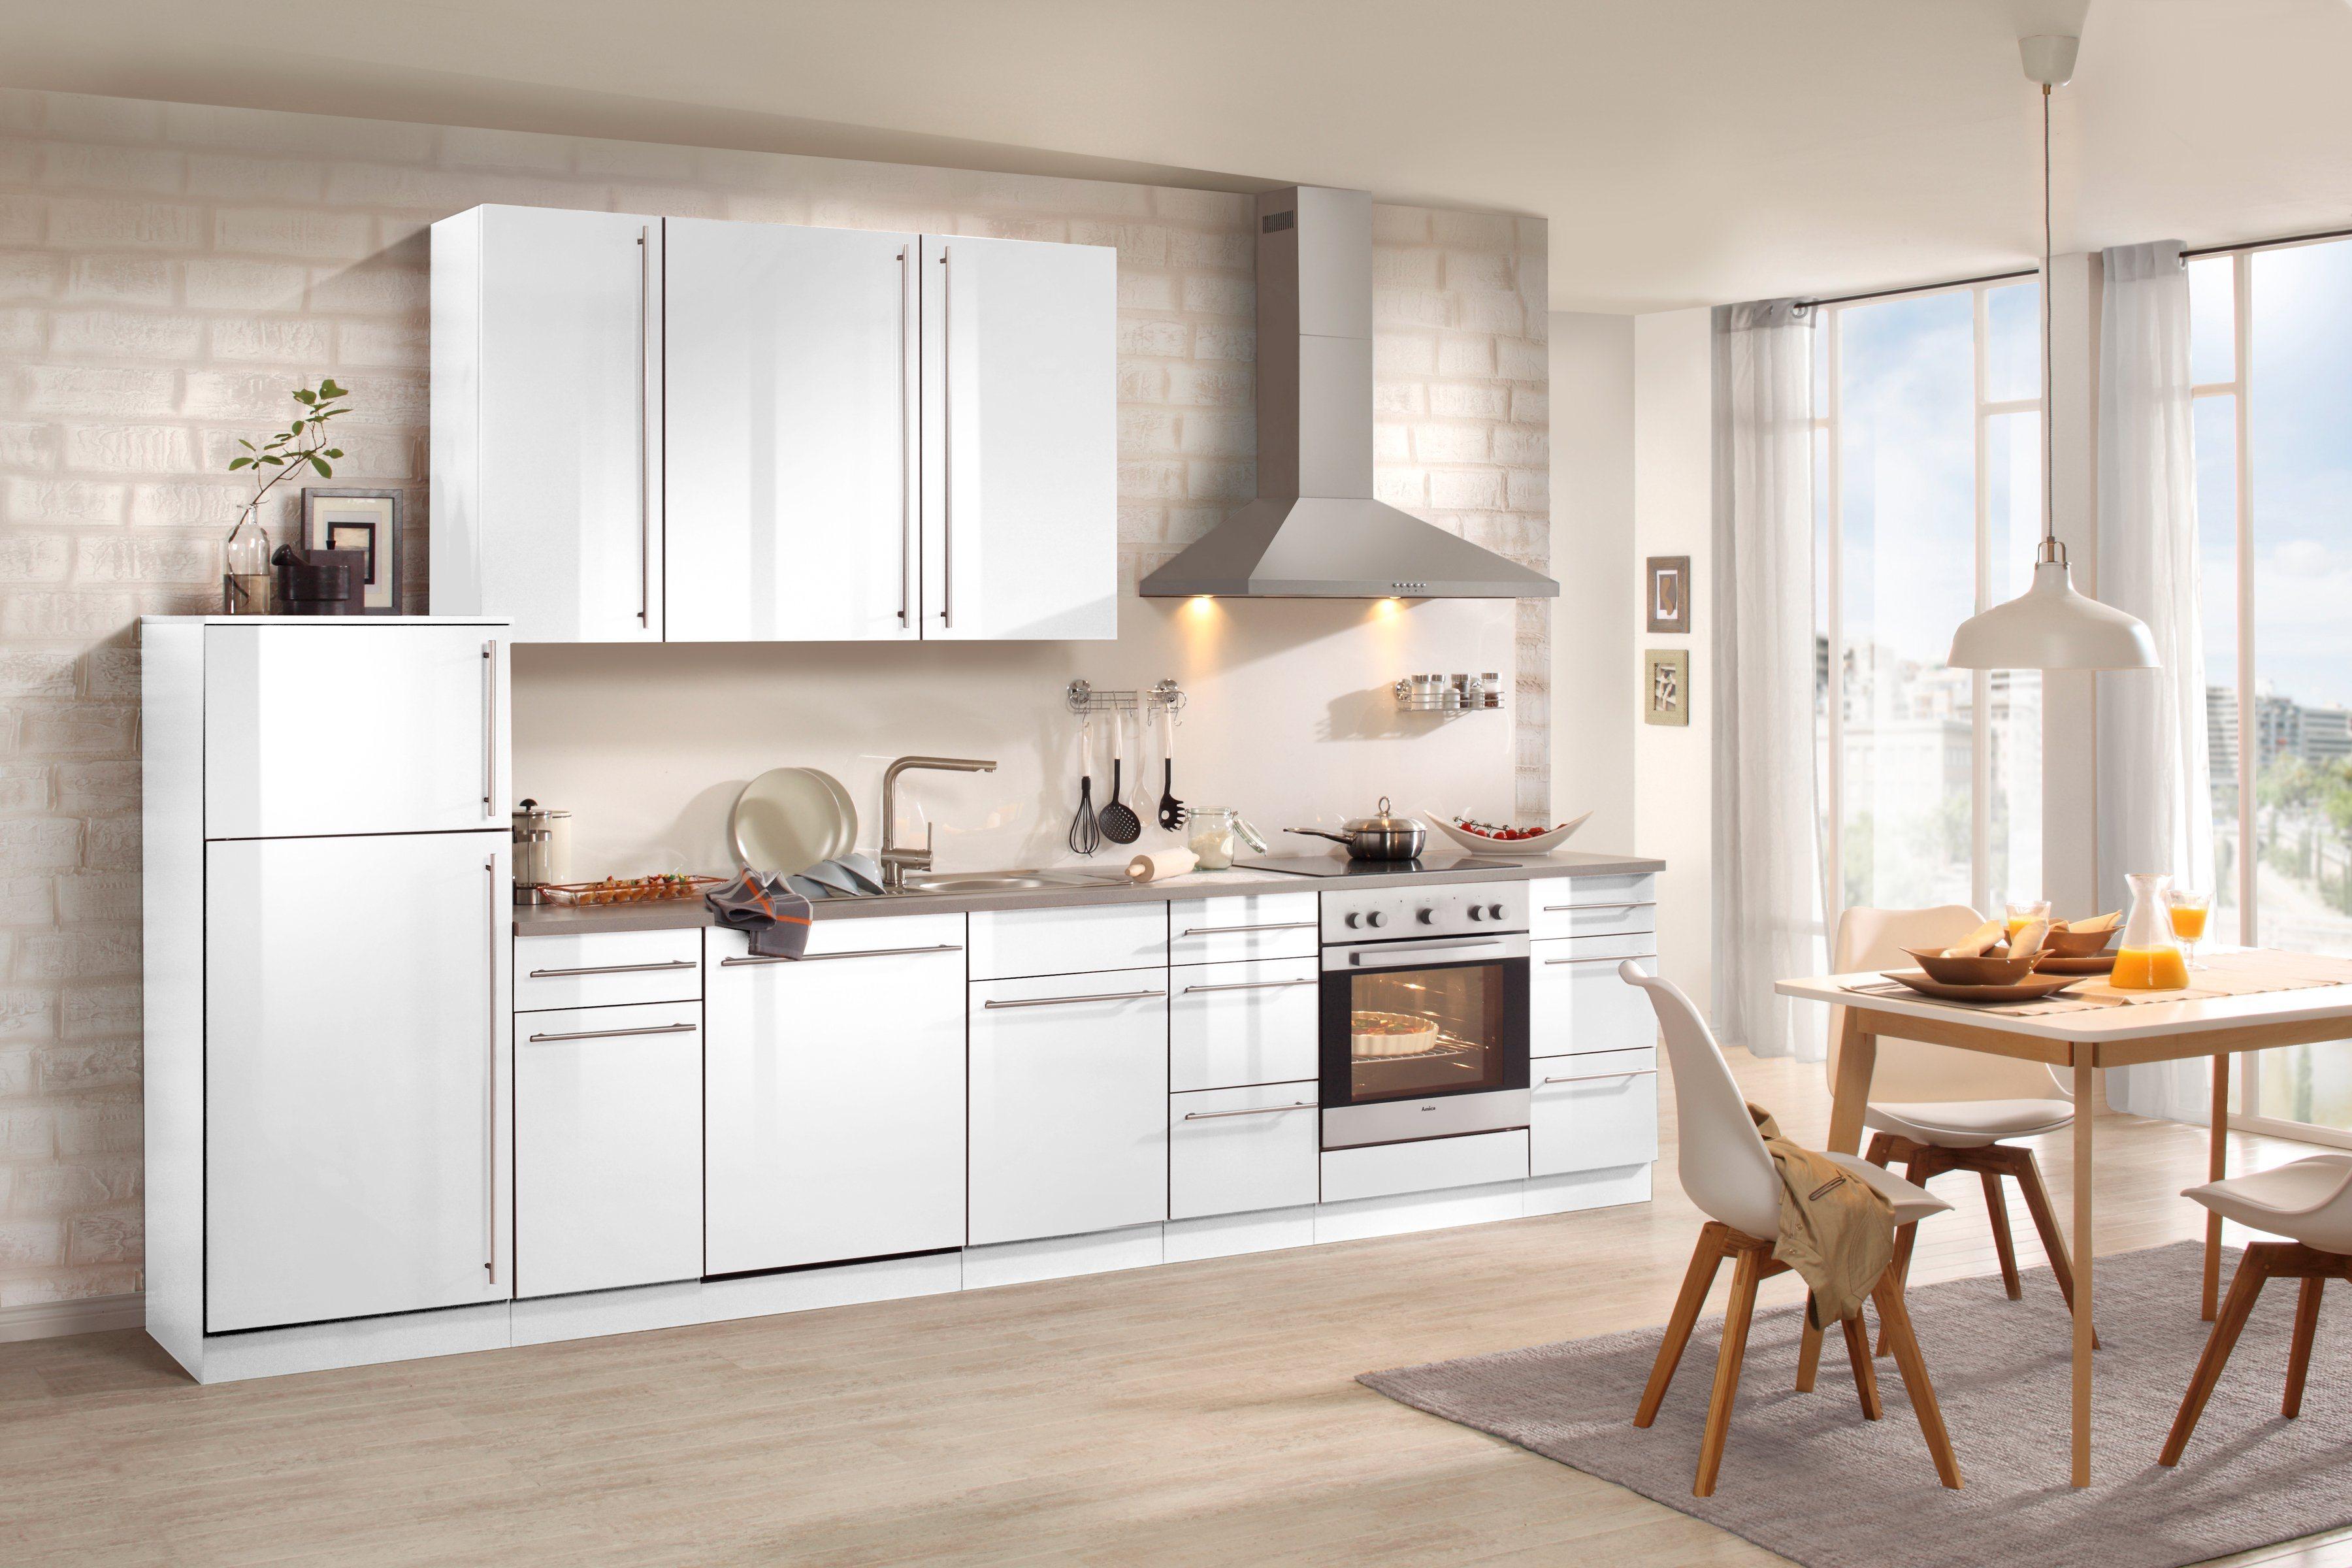 Tolle Küche Remodelers Chicago Vorort Ideen - Ideen Für Die Küche ...